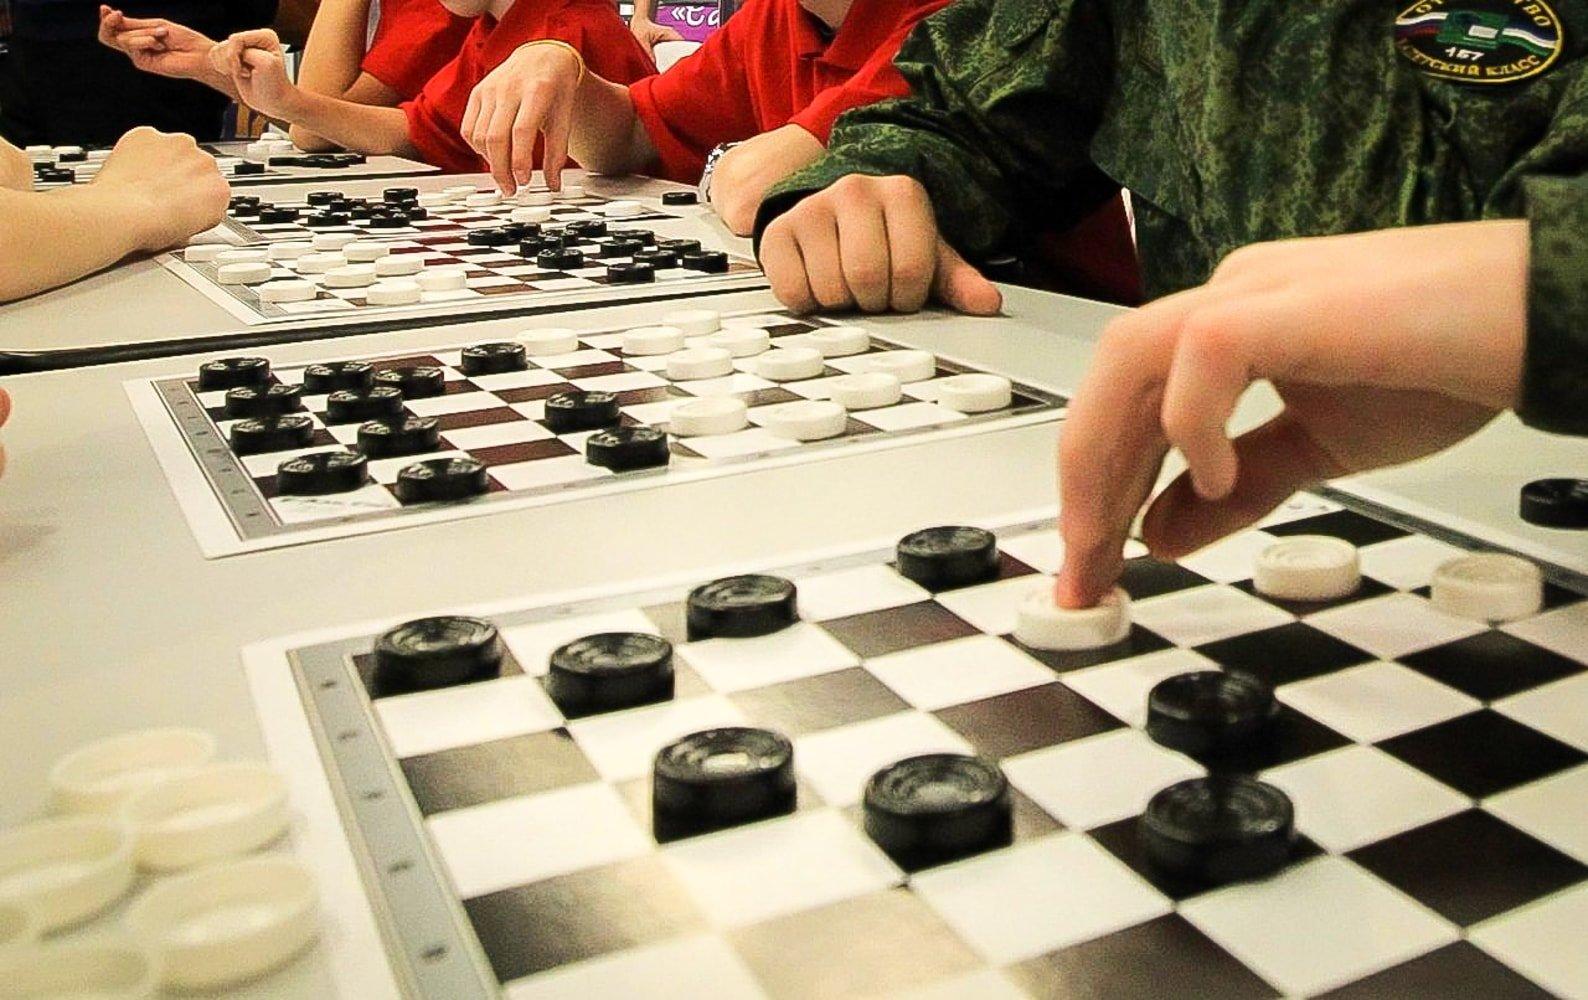 Белорусские шашисты завоевали серебряную и бронзовую медали на международном турнире